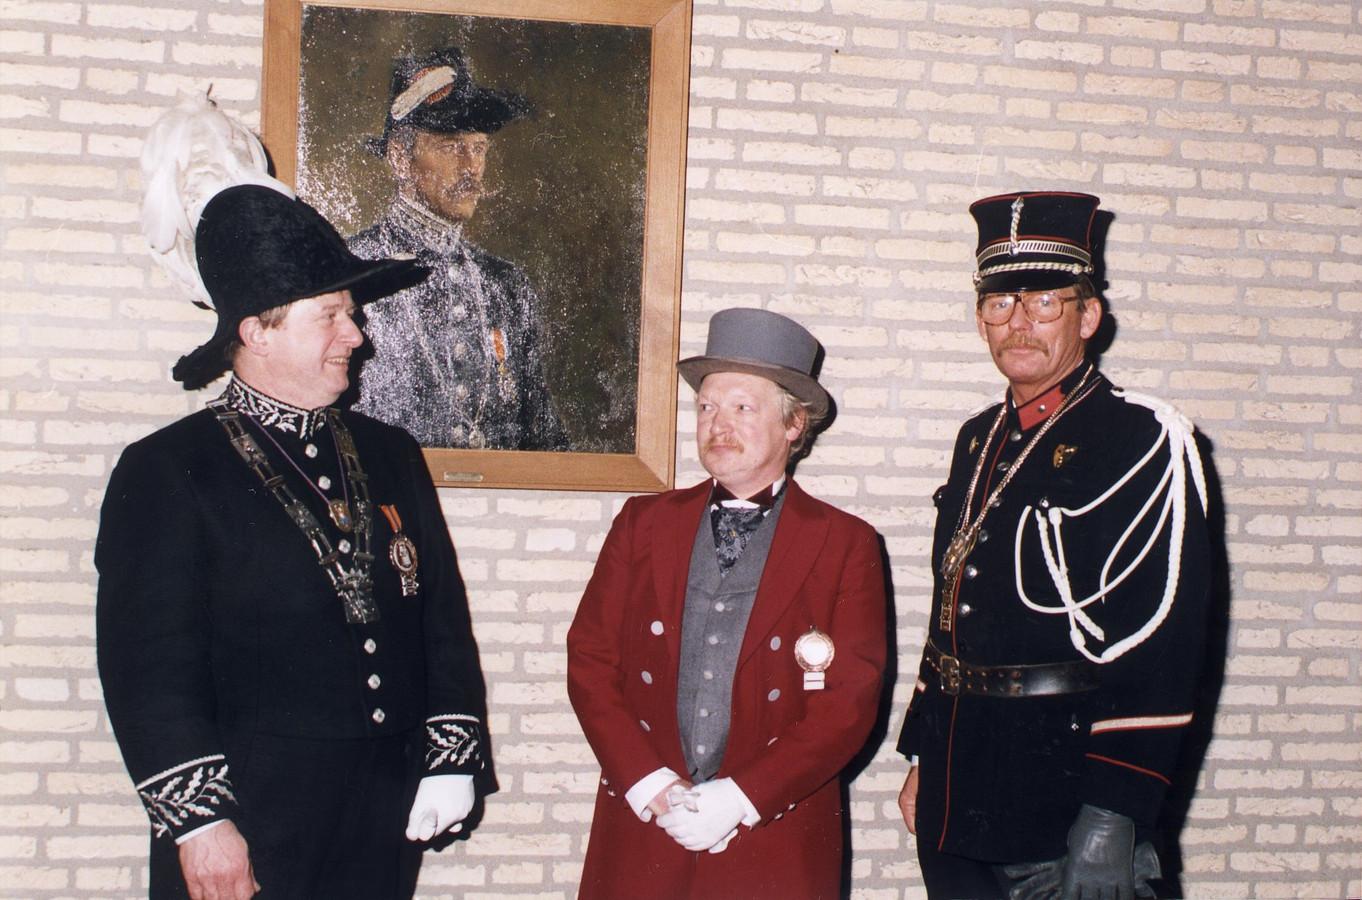 De protocollaire 'gezagsdragers' van Federatie Eindhovens Carnaval zo'n twintig jaar geleden: rechts in beeld Veldwachter Flip Raap, met naast zich d'n Assepoester Ben de Klerk en links Frans Koch, de tweede D'n Urste Burger van Ouw Eindhoven.